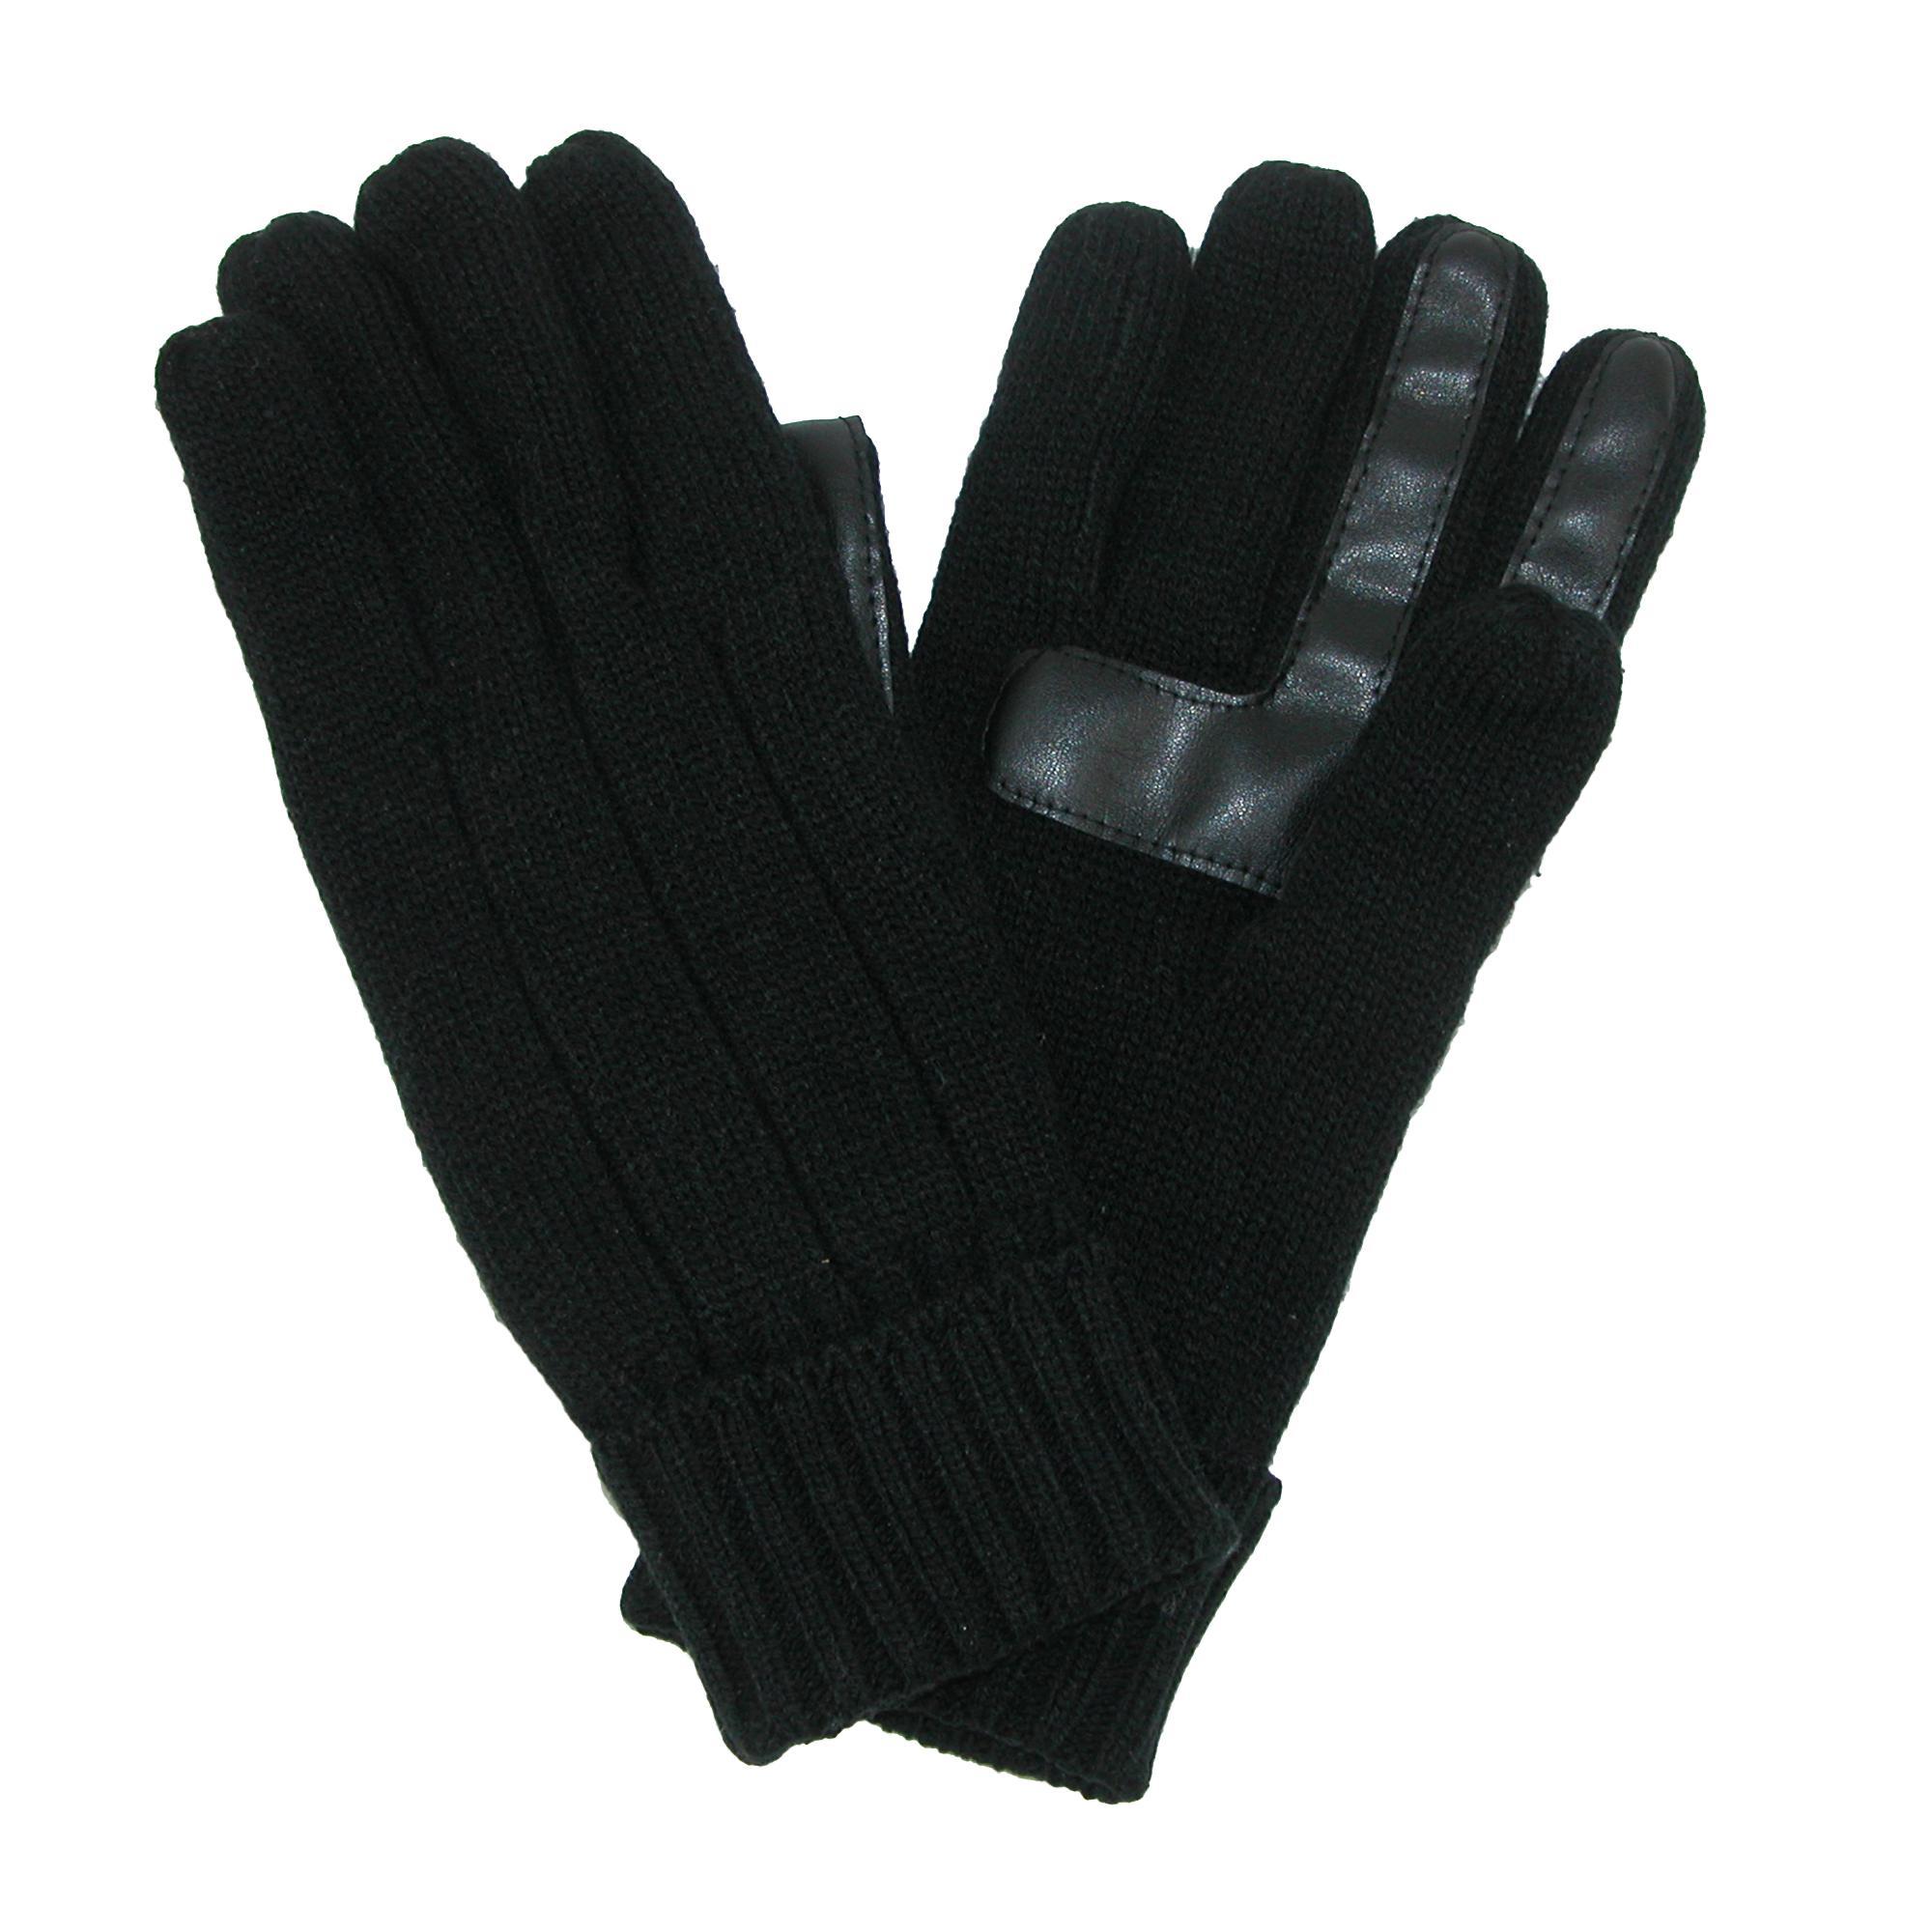 Isotoner Mens Smartdri Knit Smartouch Winter Glove